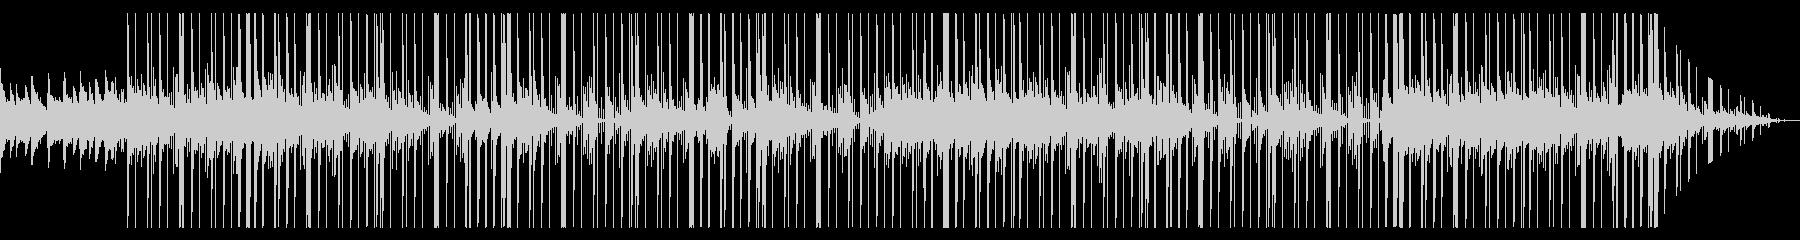 ゆったり コーラス ピアノ Lo-Fiの未再生の波形